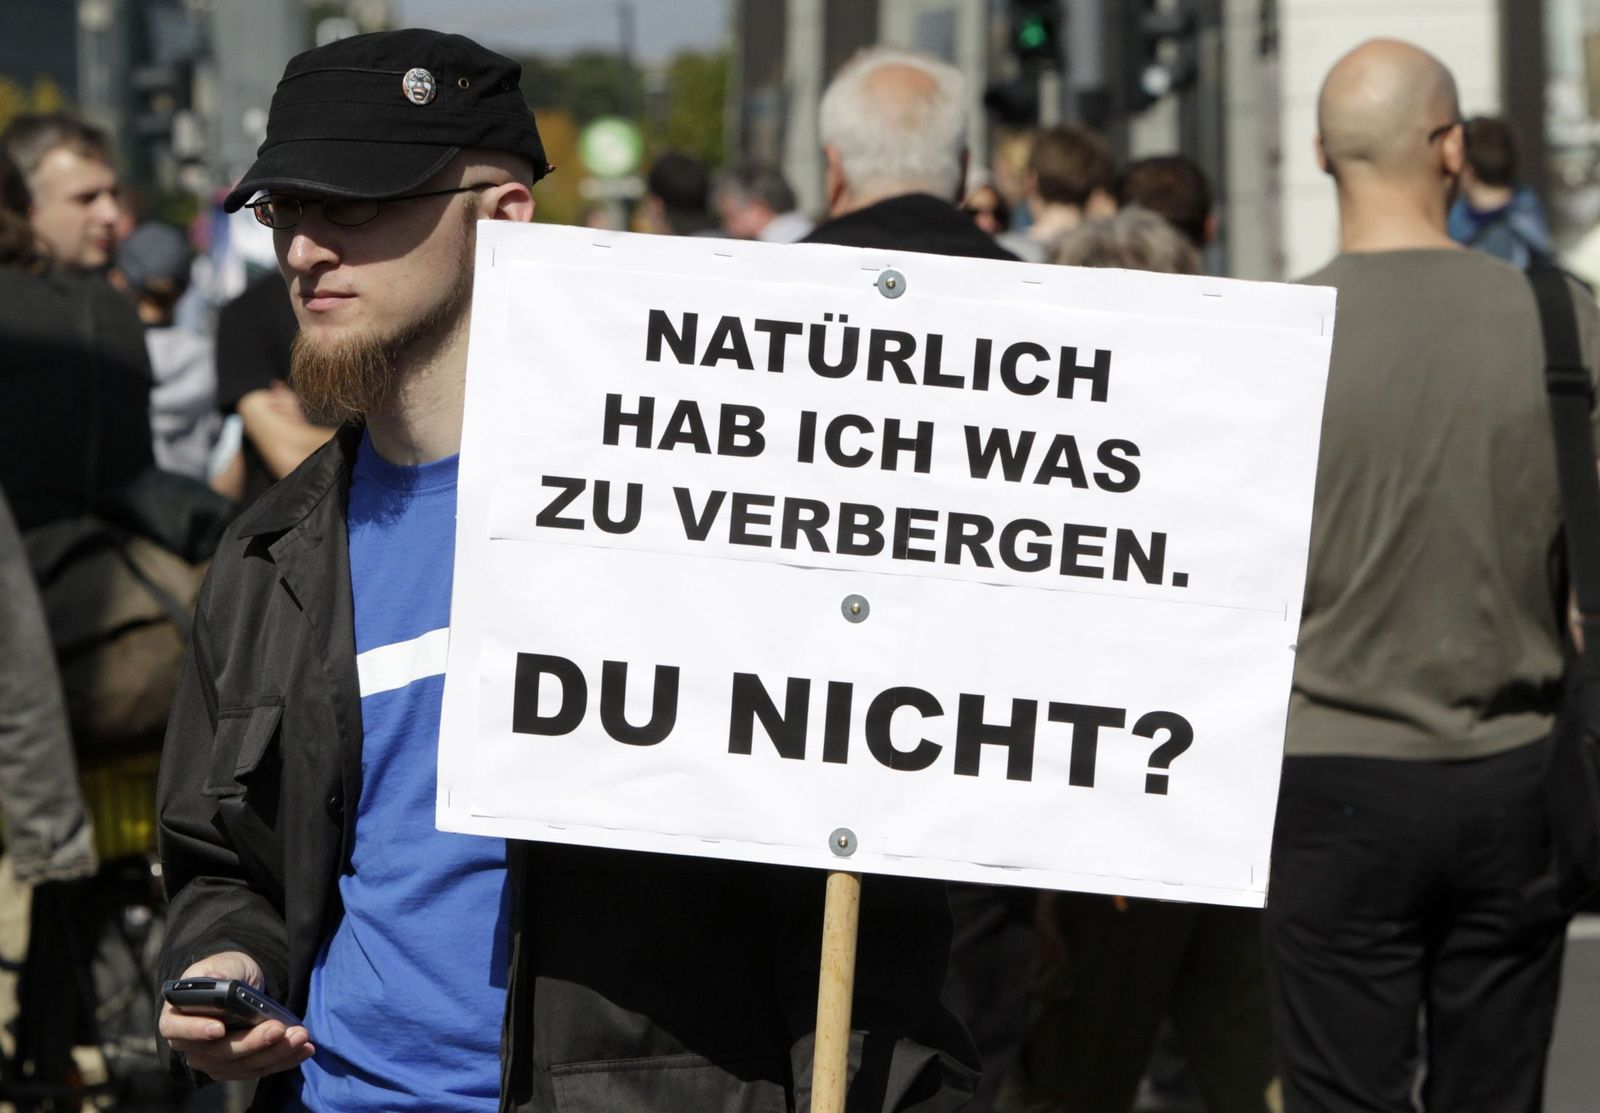 Demo / Datenschutz / Berlin